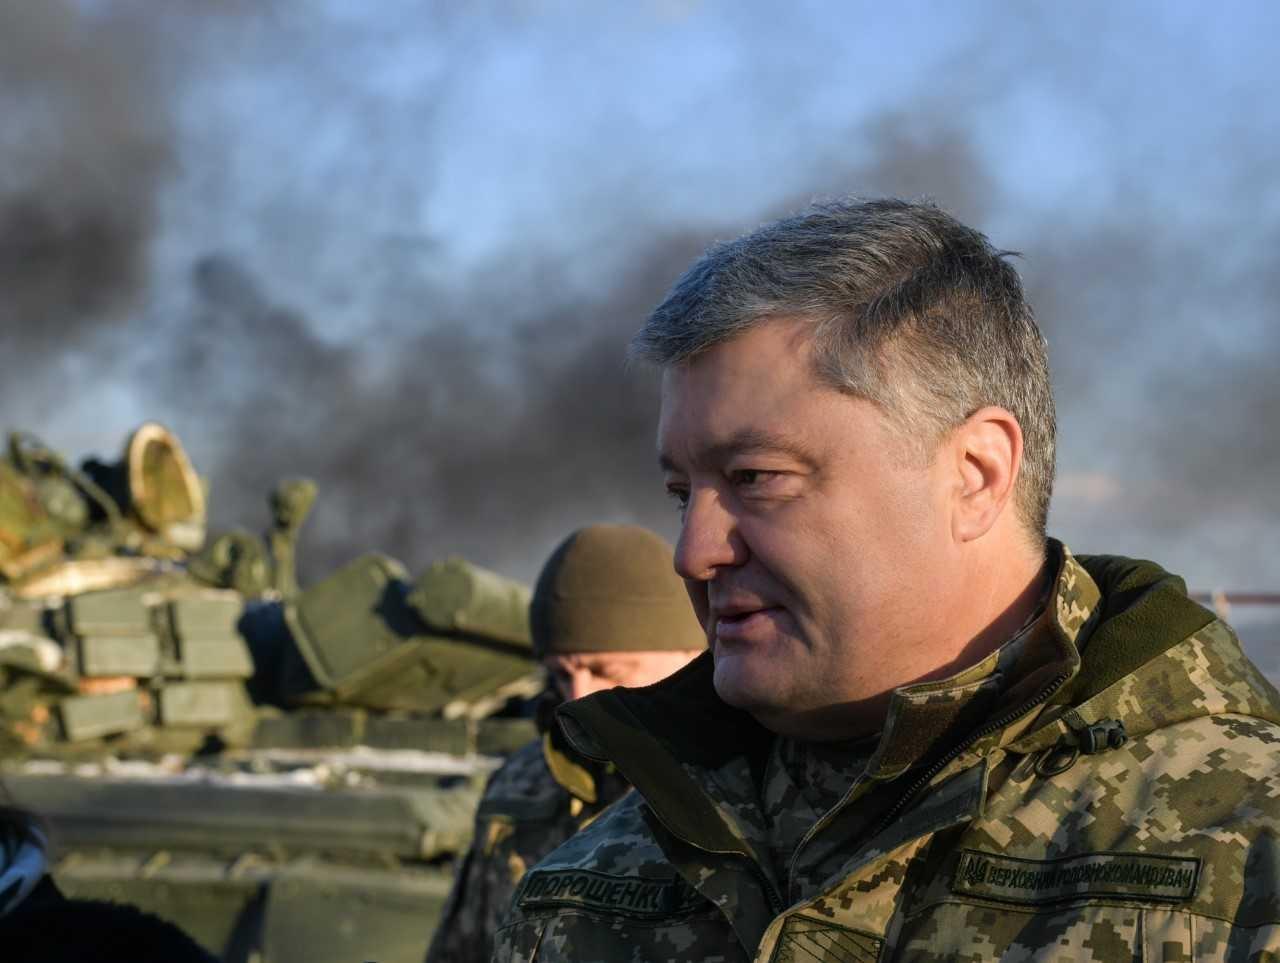 Вернуть Донбасс. Как это обещают сделать топ-кандидаты